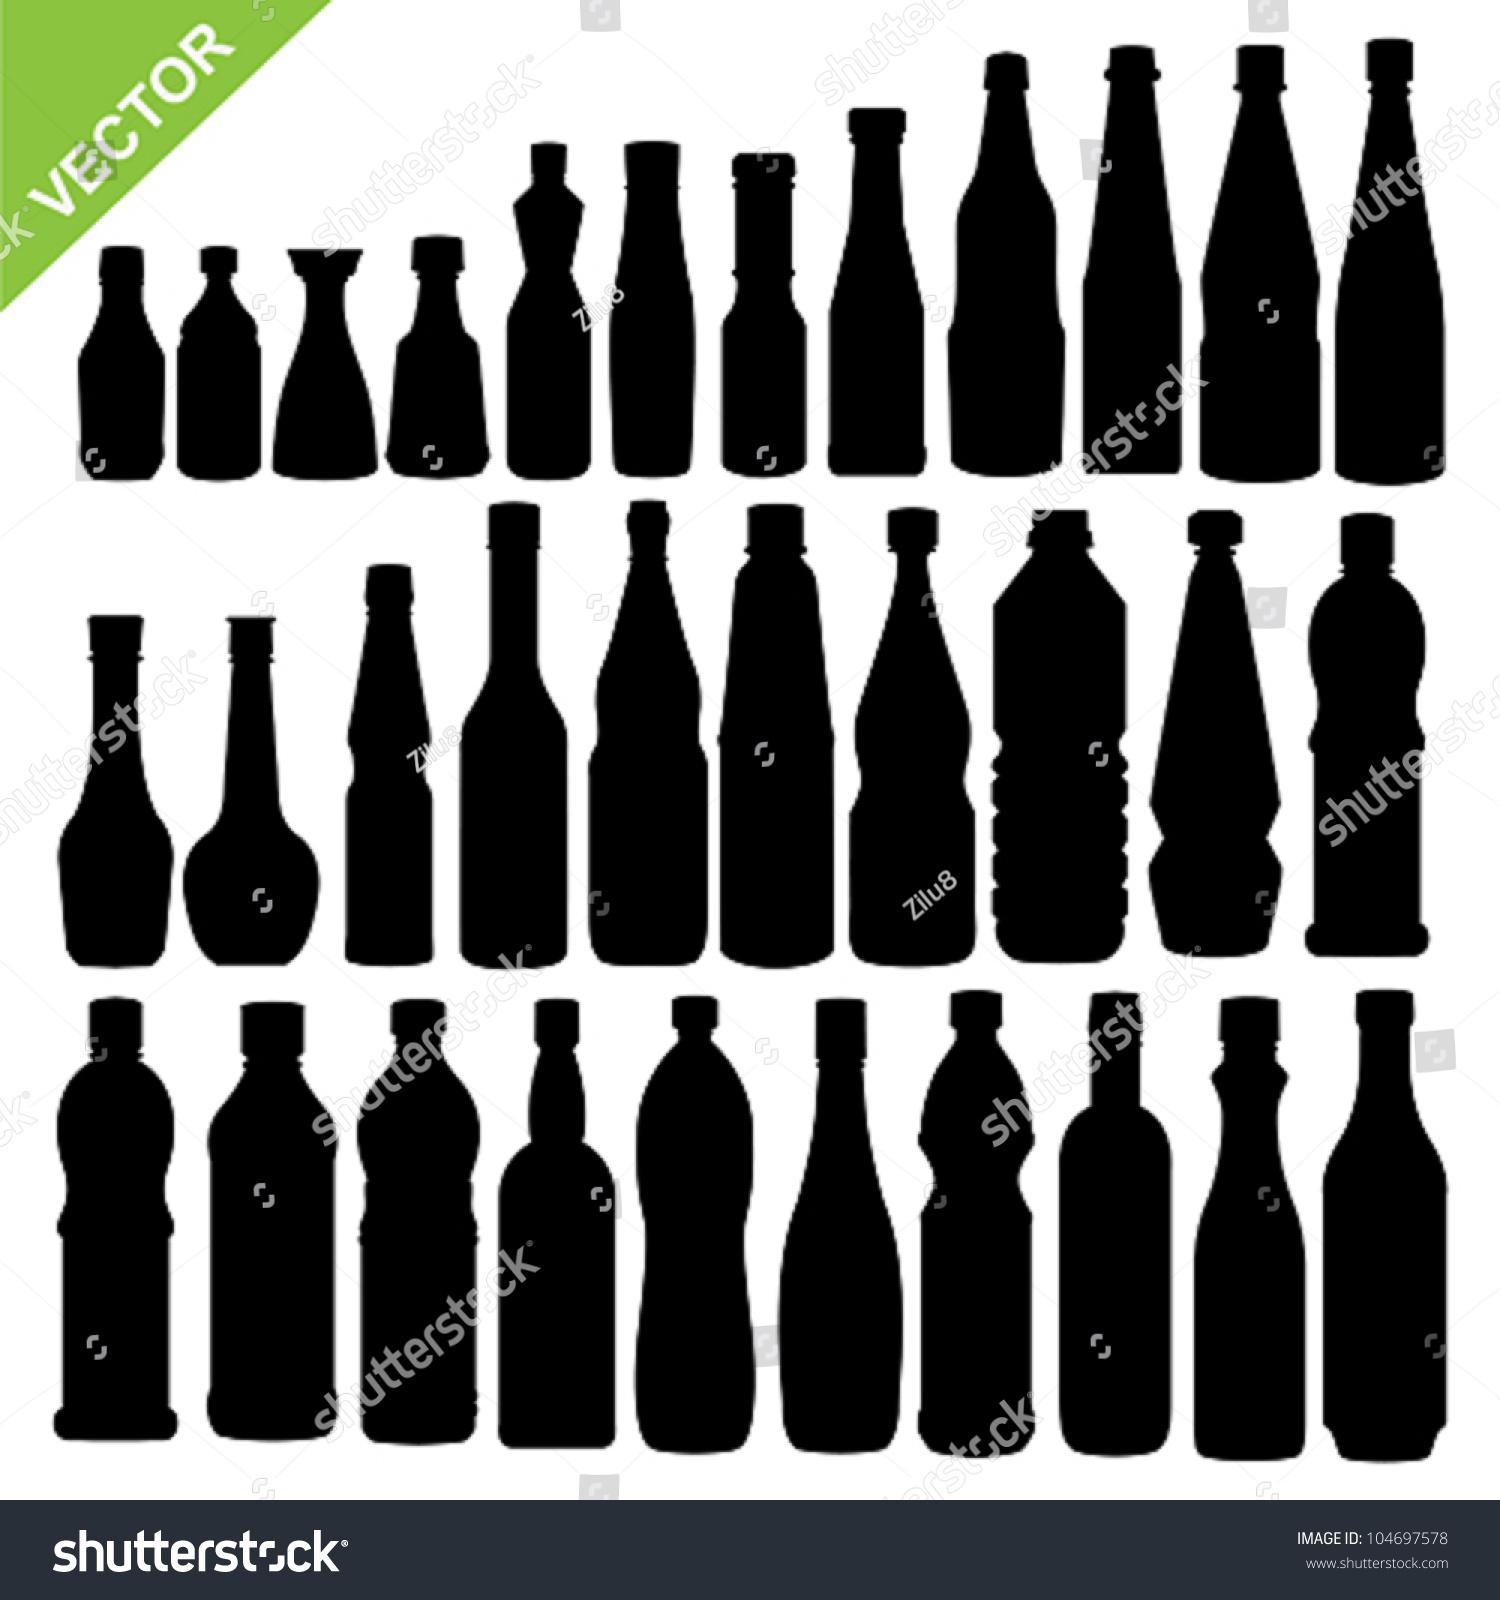 调味瓶的轮廓矢量集-物体,交通运输-海洛创意(hellorf